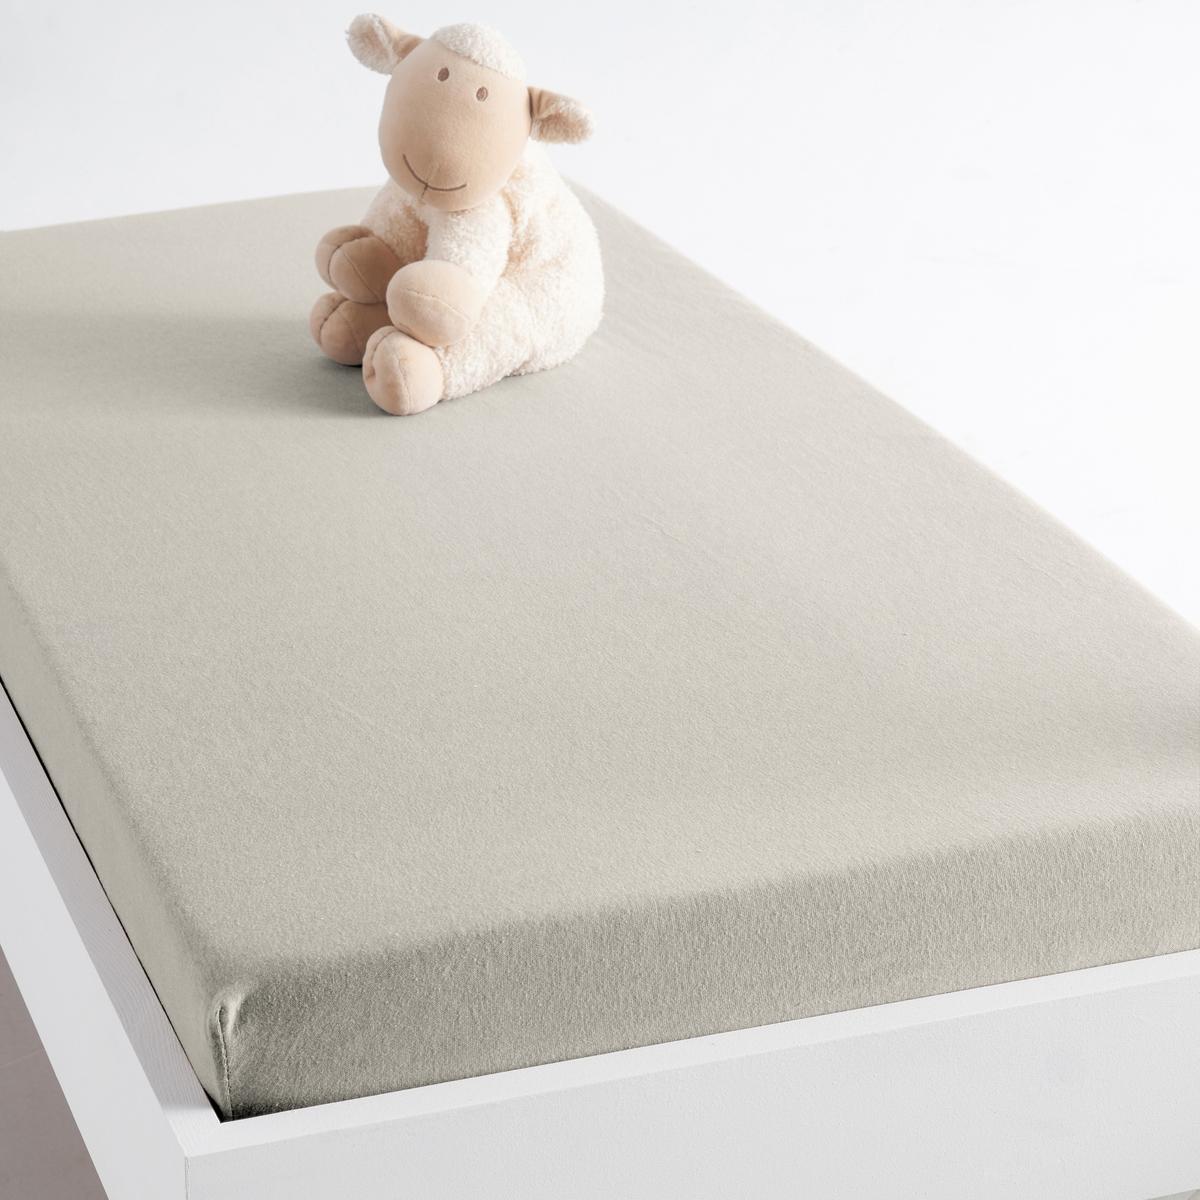 Простыня натяжная из джерси, 100% биохлопок, для детской кровати